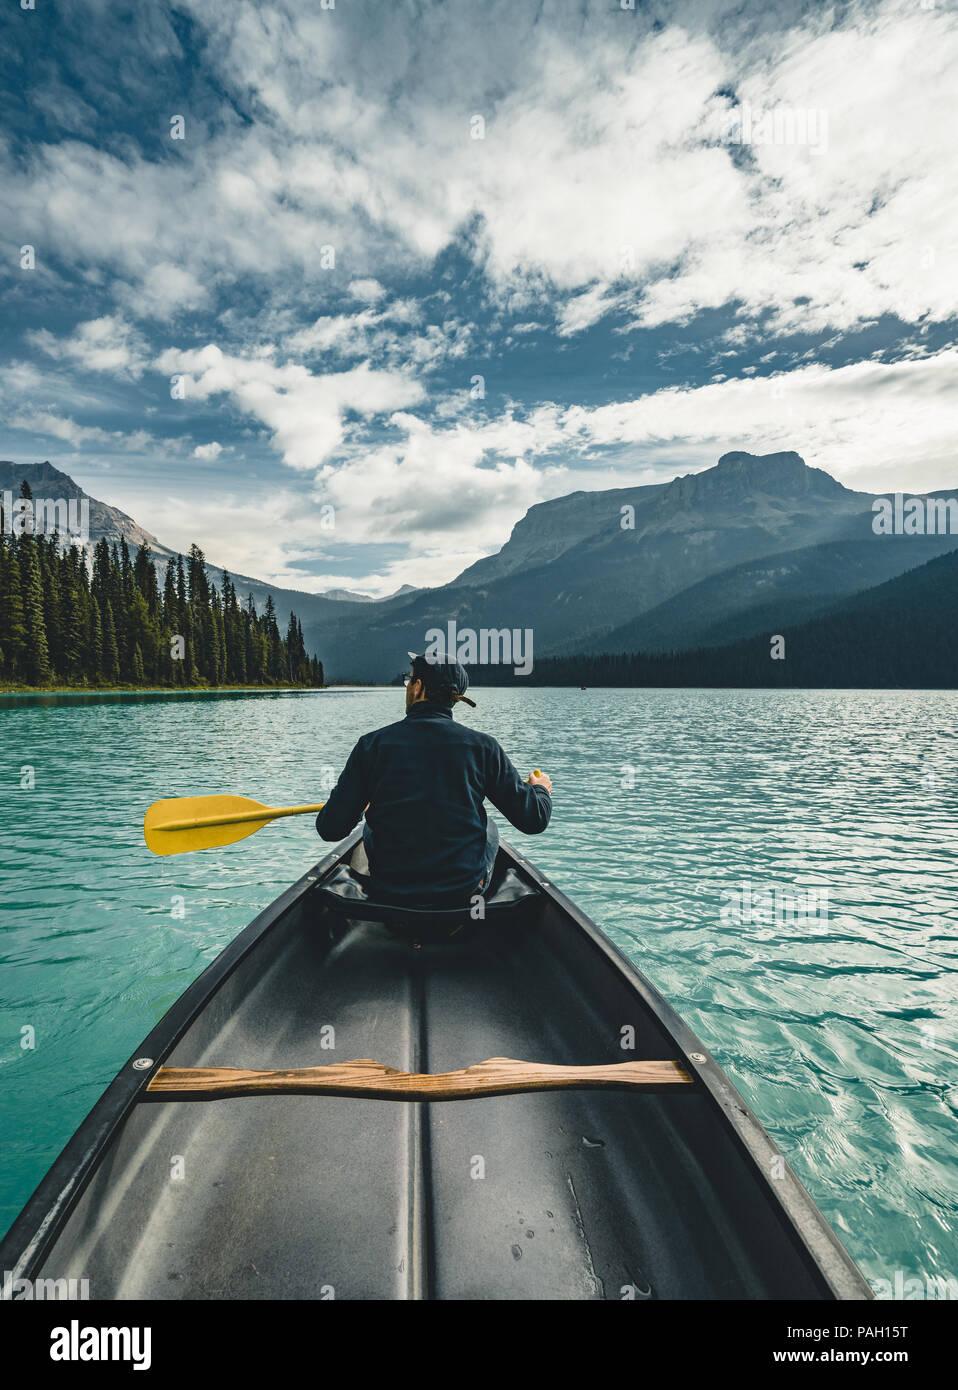 Junger Mann Kanufahren auf dem Emerald Lake in den Rocky Mountains, Kanada mit Kanu und die Berge im Hintergrund blaue Wasser. Stockbild